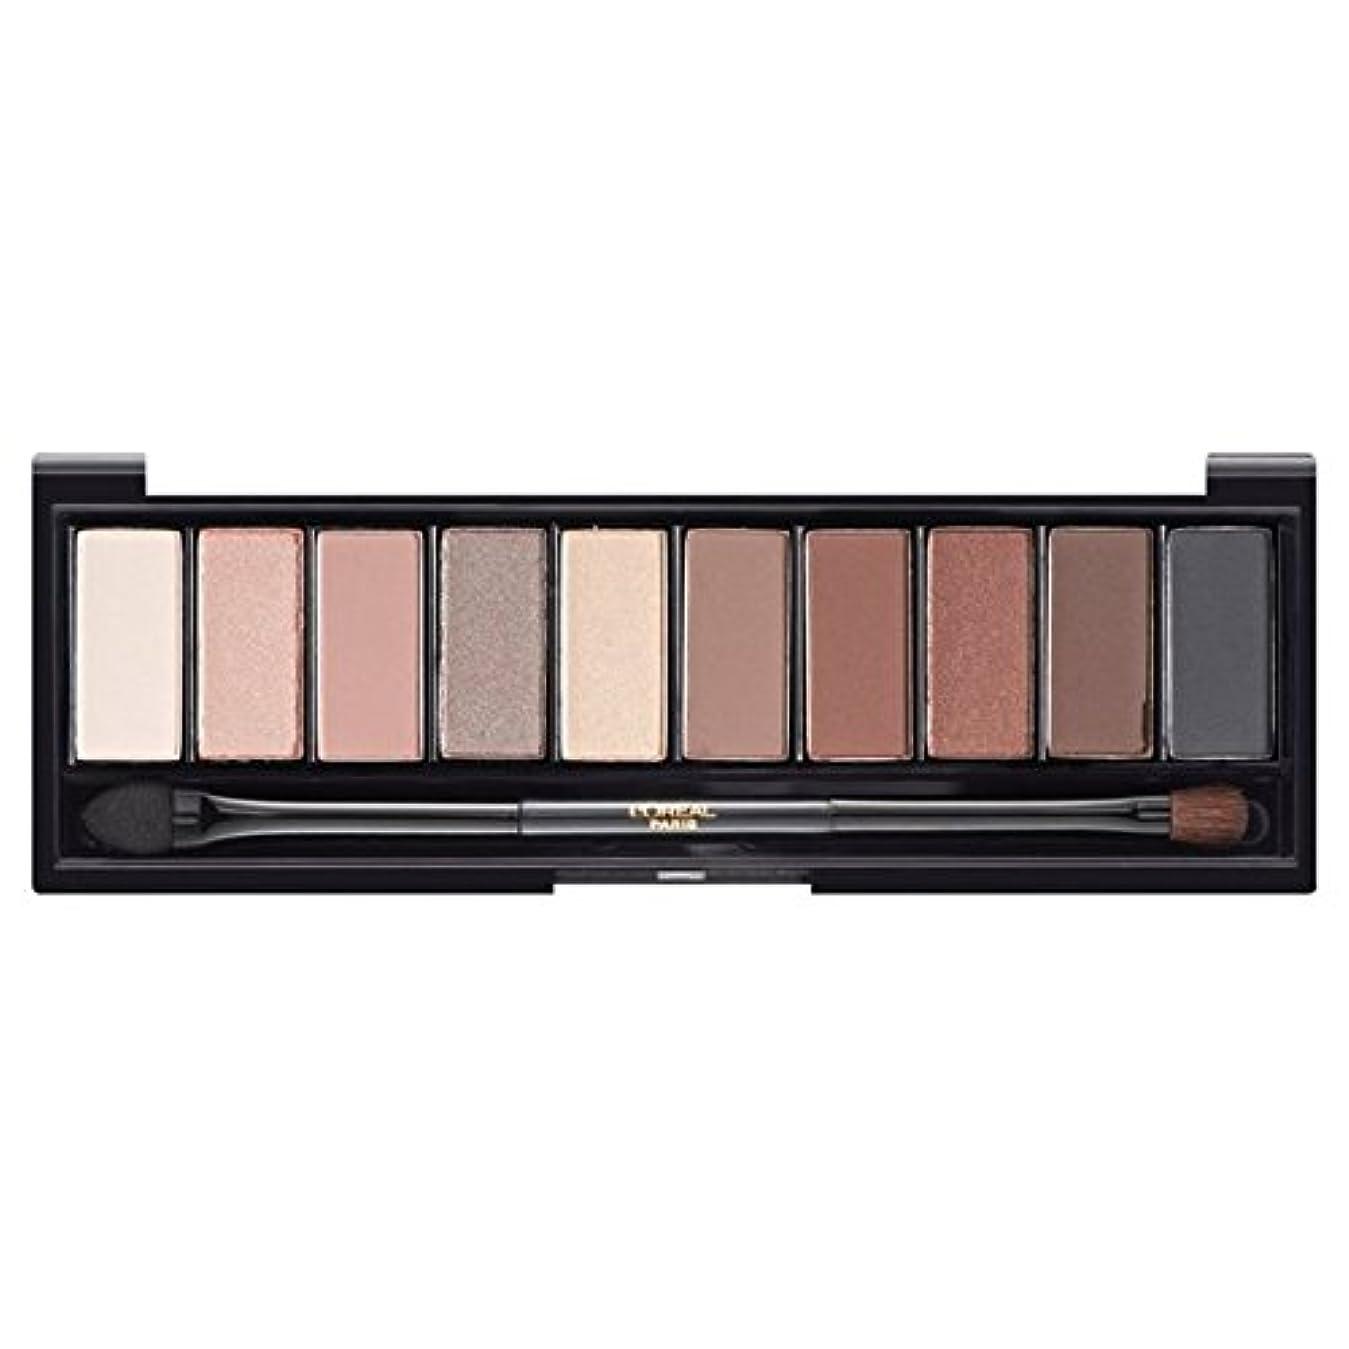 司教インフルエンザ文献ロレアルパリカラーリッシュ?ラ?パレットのアイシャドウ、ヌードベージュ x4 - L'Oreal Paris Color Riche La Palette Eyeshadow, Nude Beige (Pack of 4) [並行輸入品]